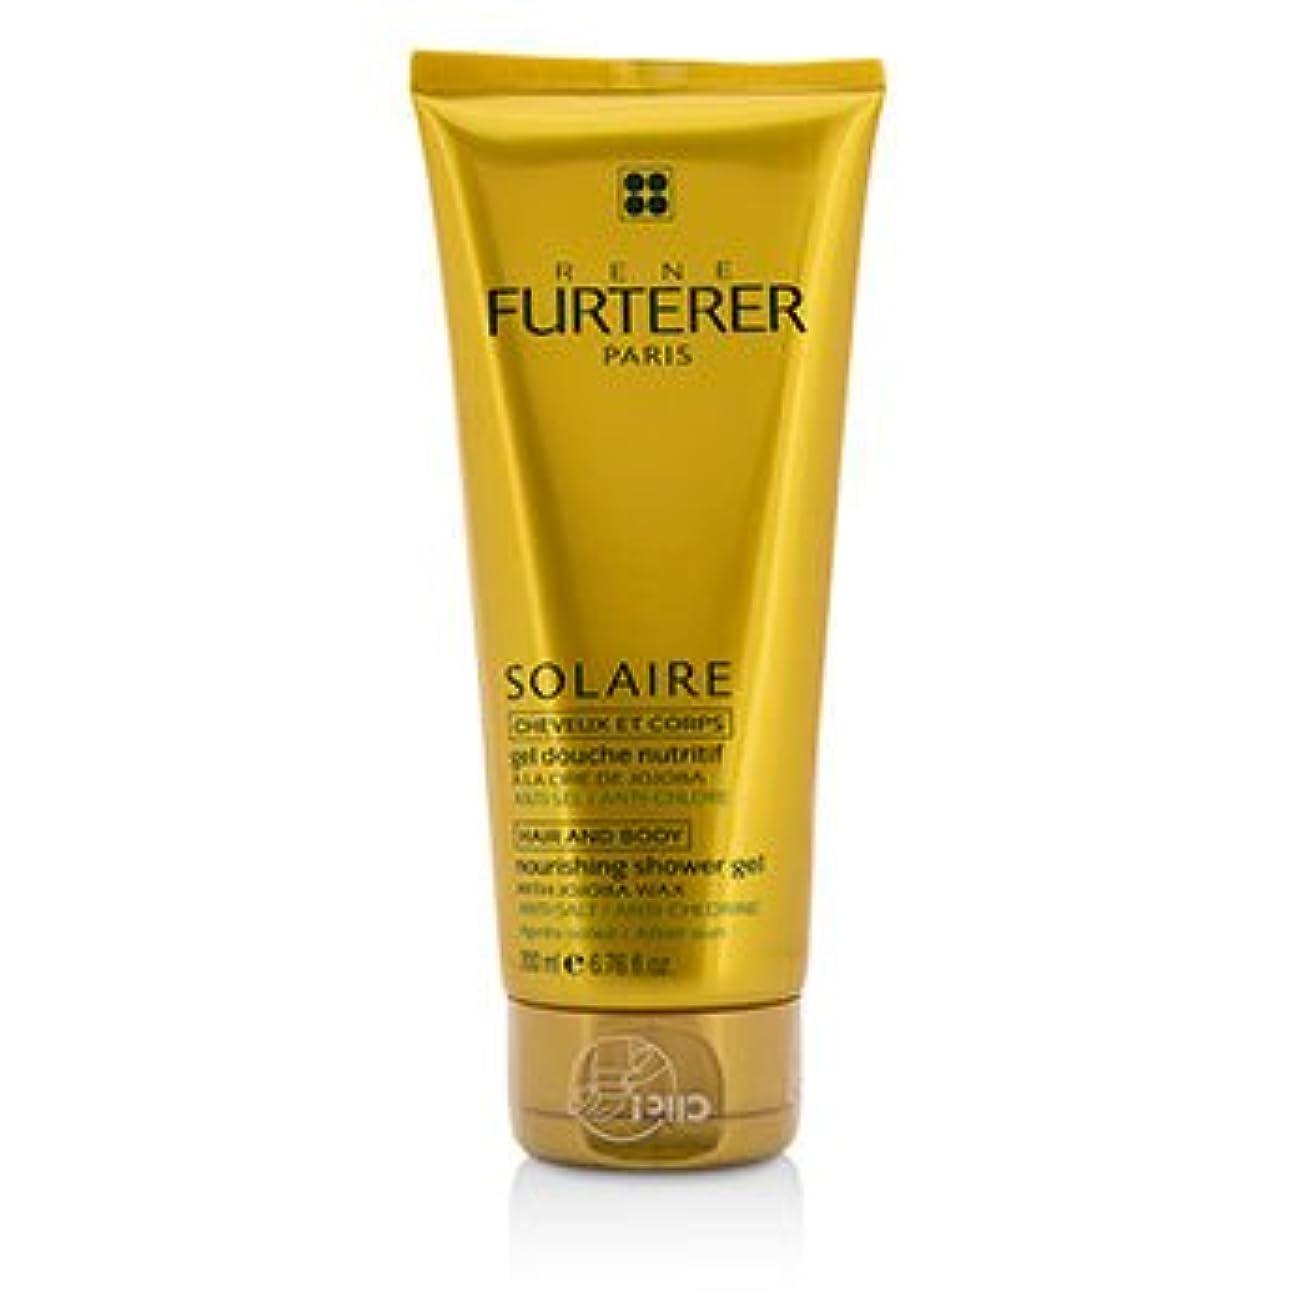 おばあさん脅迫利益[Rene Furterer] Solaire Nourishing Shower Gel with Jojoba Wax (Hair and Body) 200ml/6.76oz